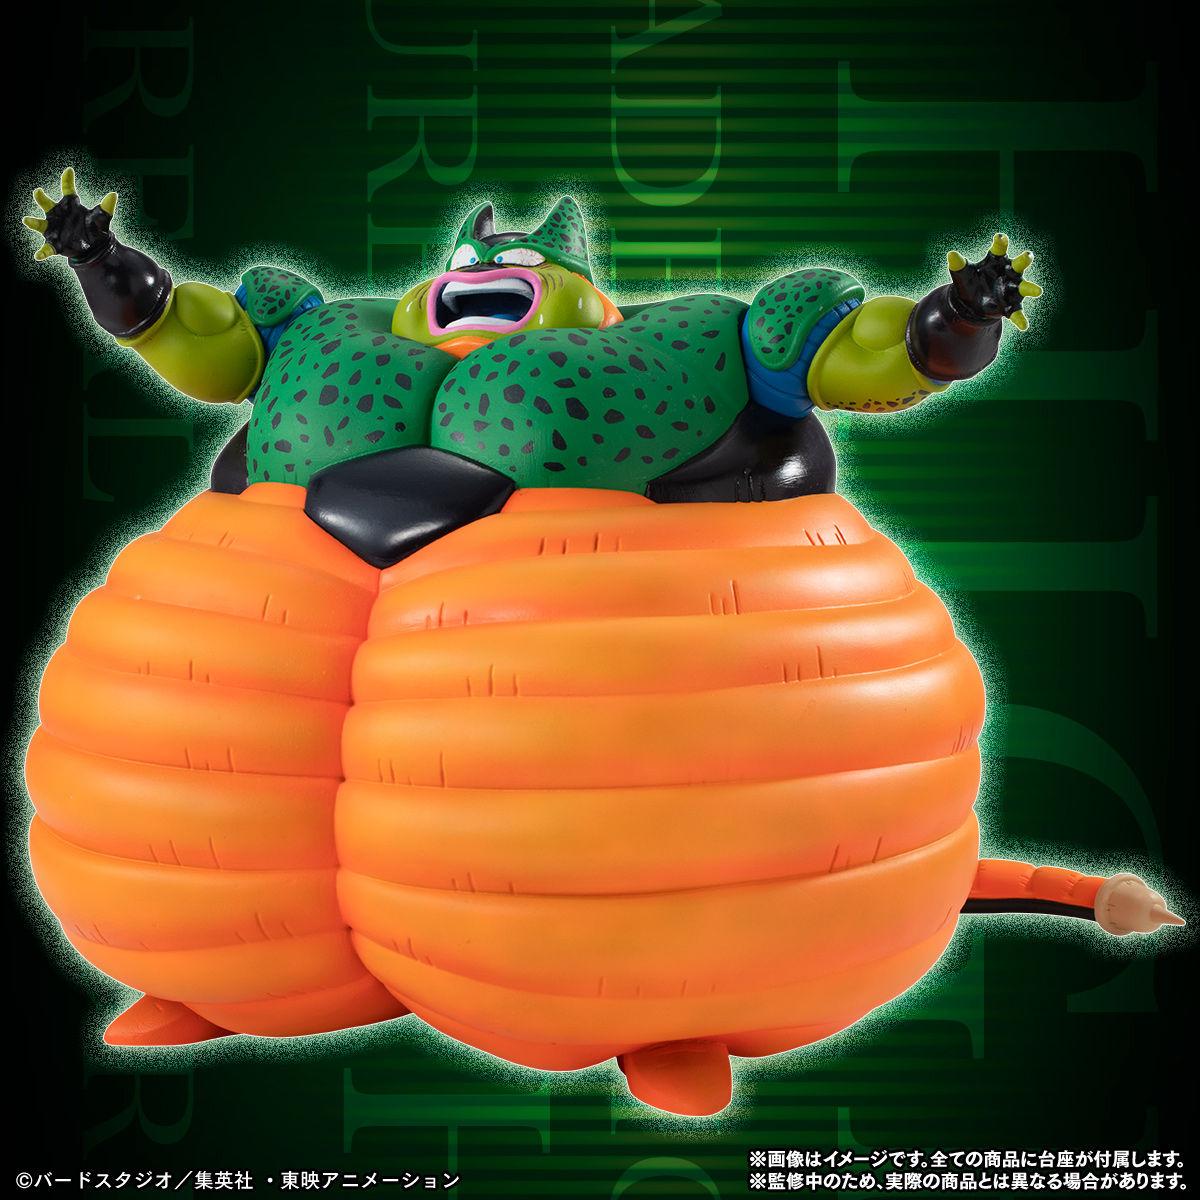 【限定販売】HGシリーズ『HG ドラゴンボール セル完全セット』全8種-008